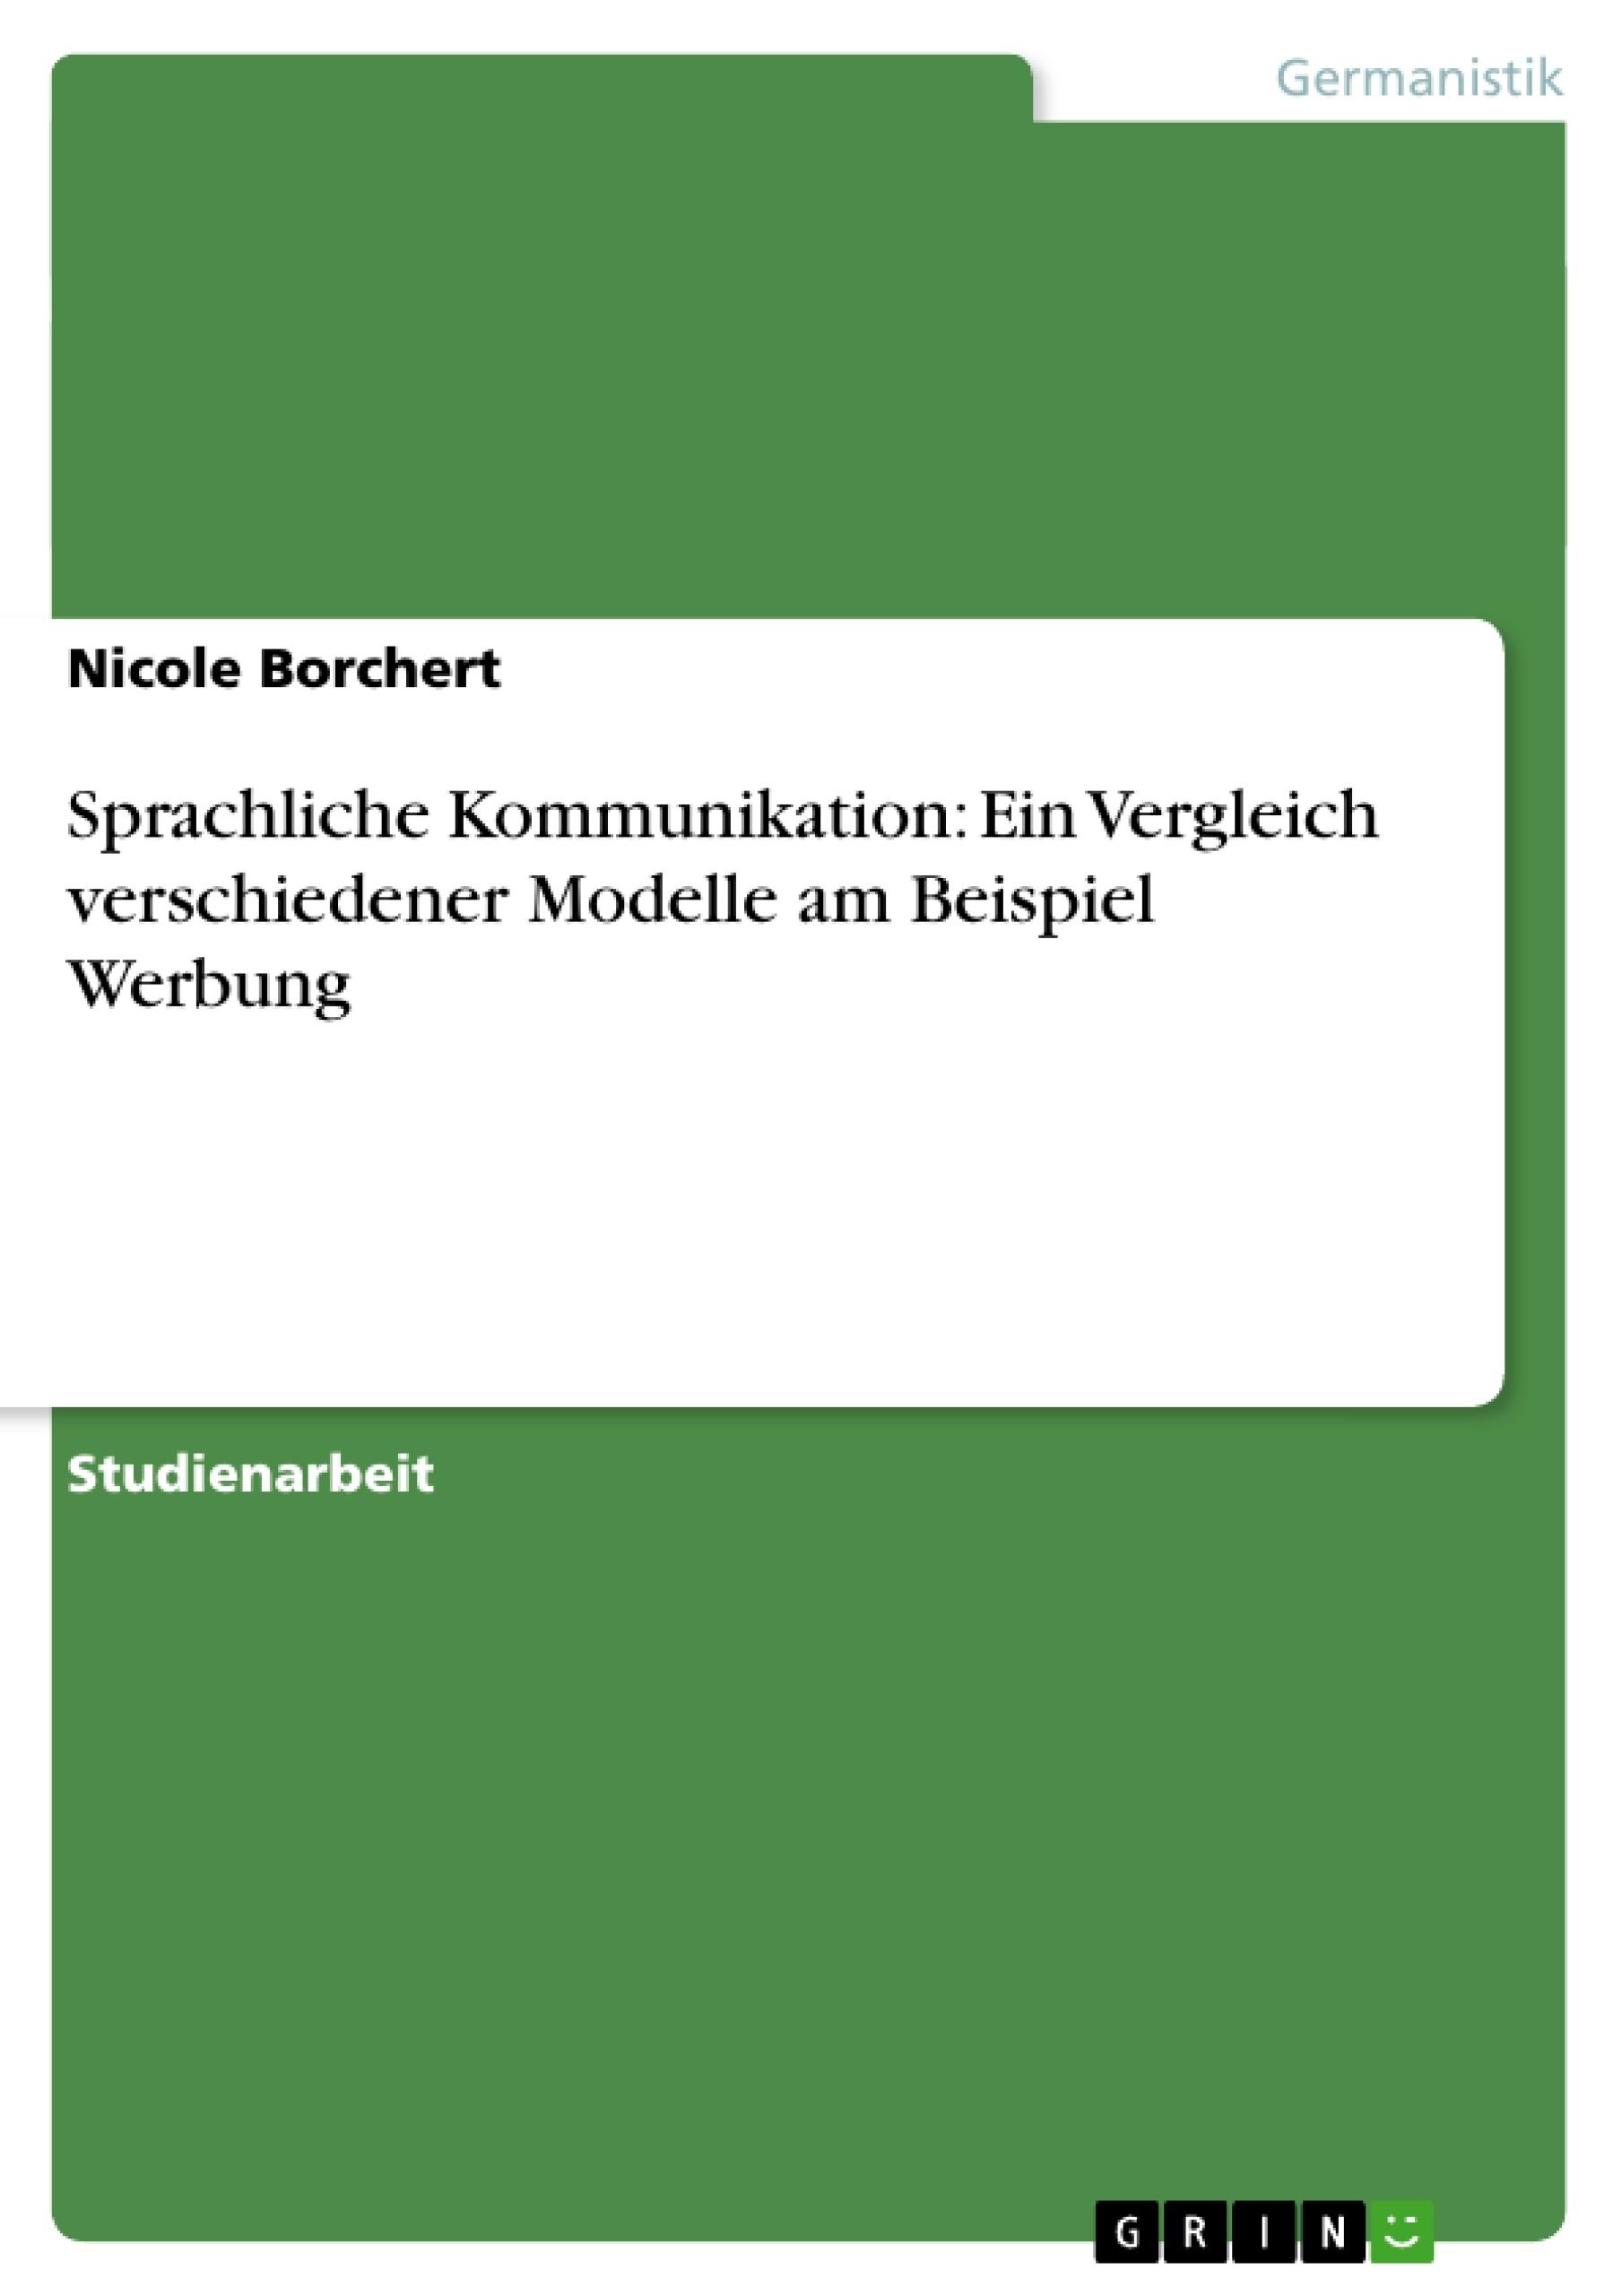 Titel: Sprachliche Kommunikation: Ein Vergleich verschiedener Modelle am Beispiel Werbung